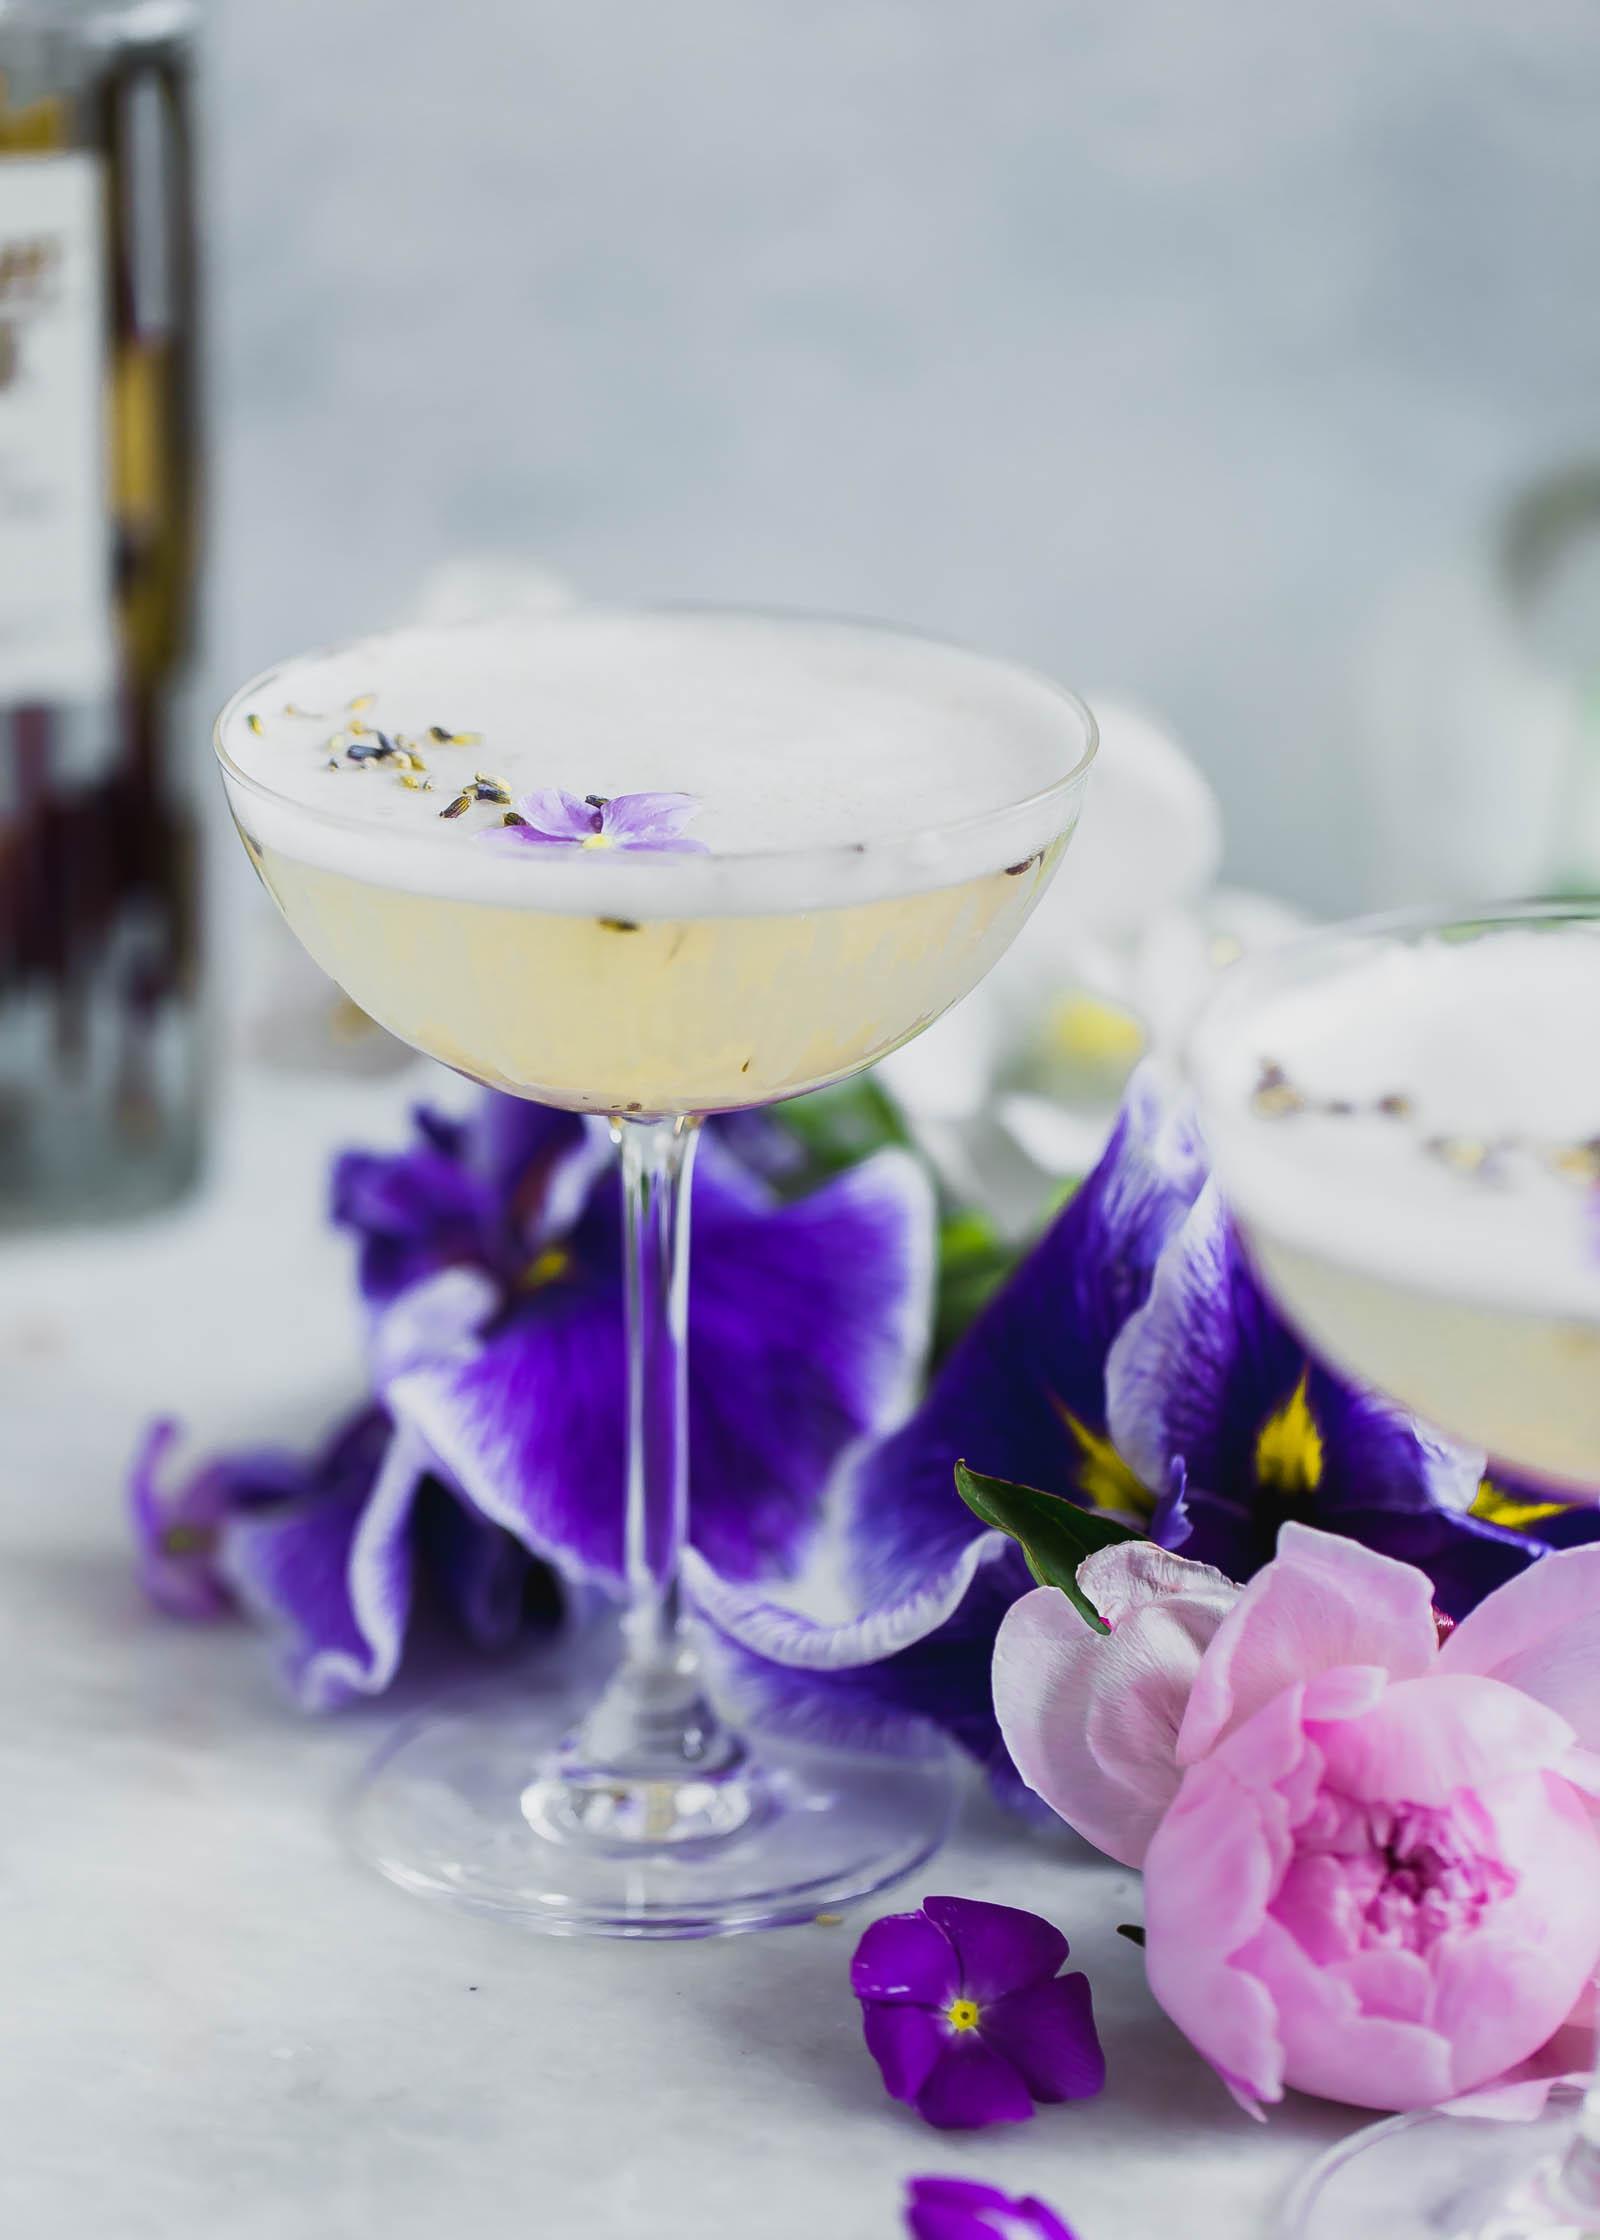 Lavender Coconut Vodka Sour in a glass